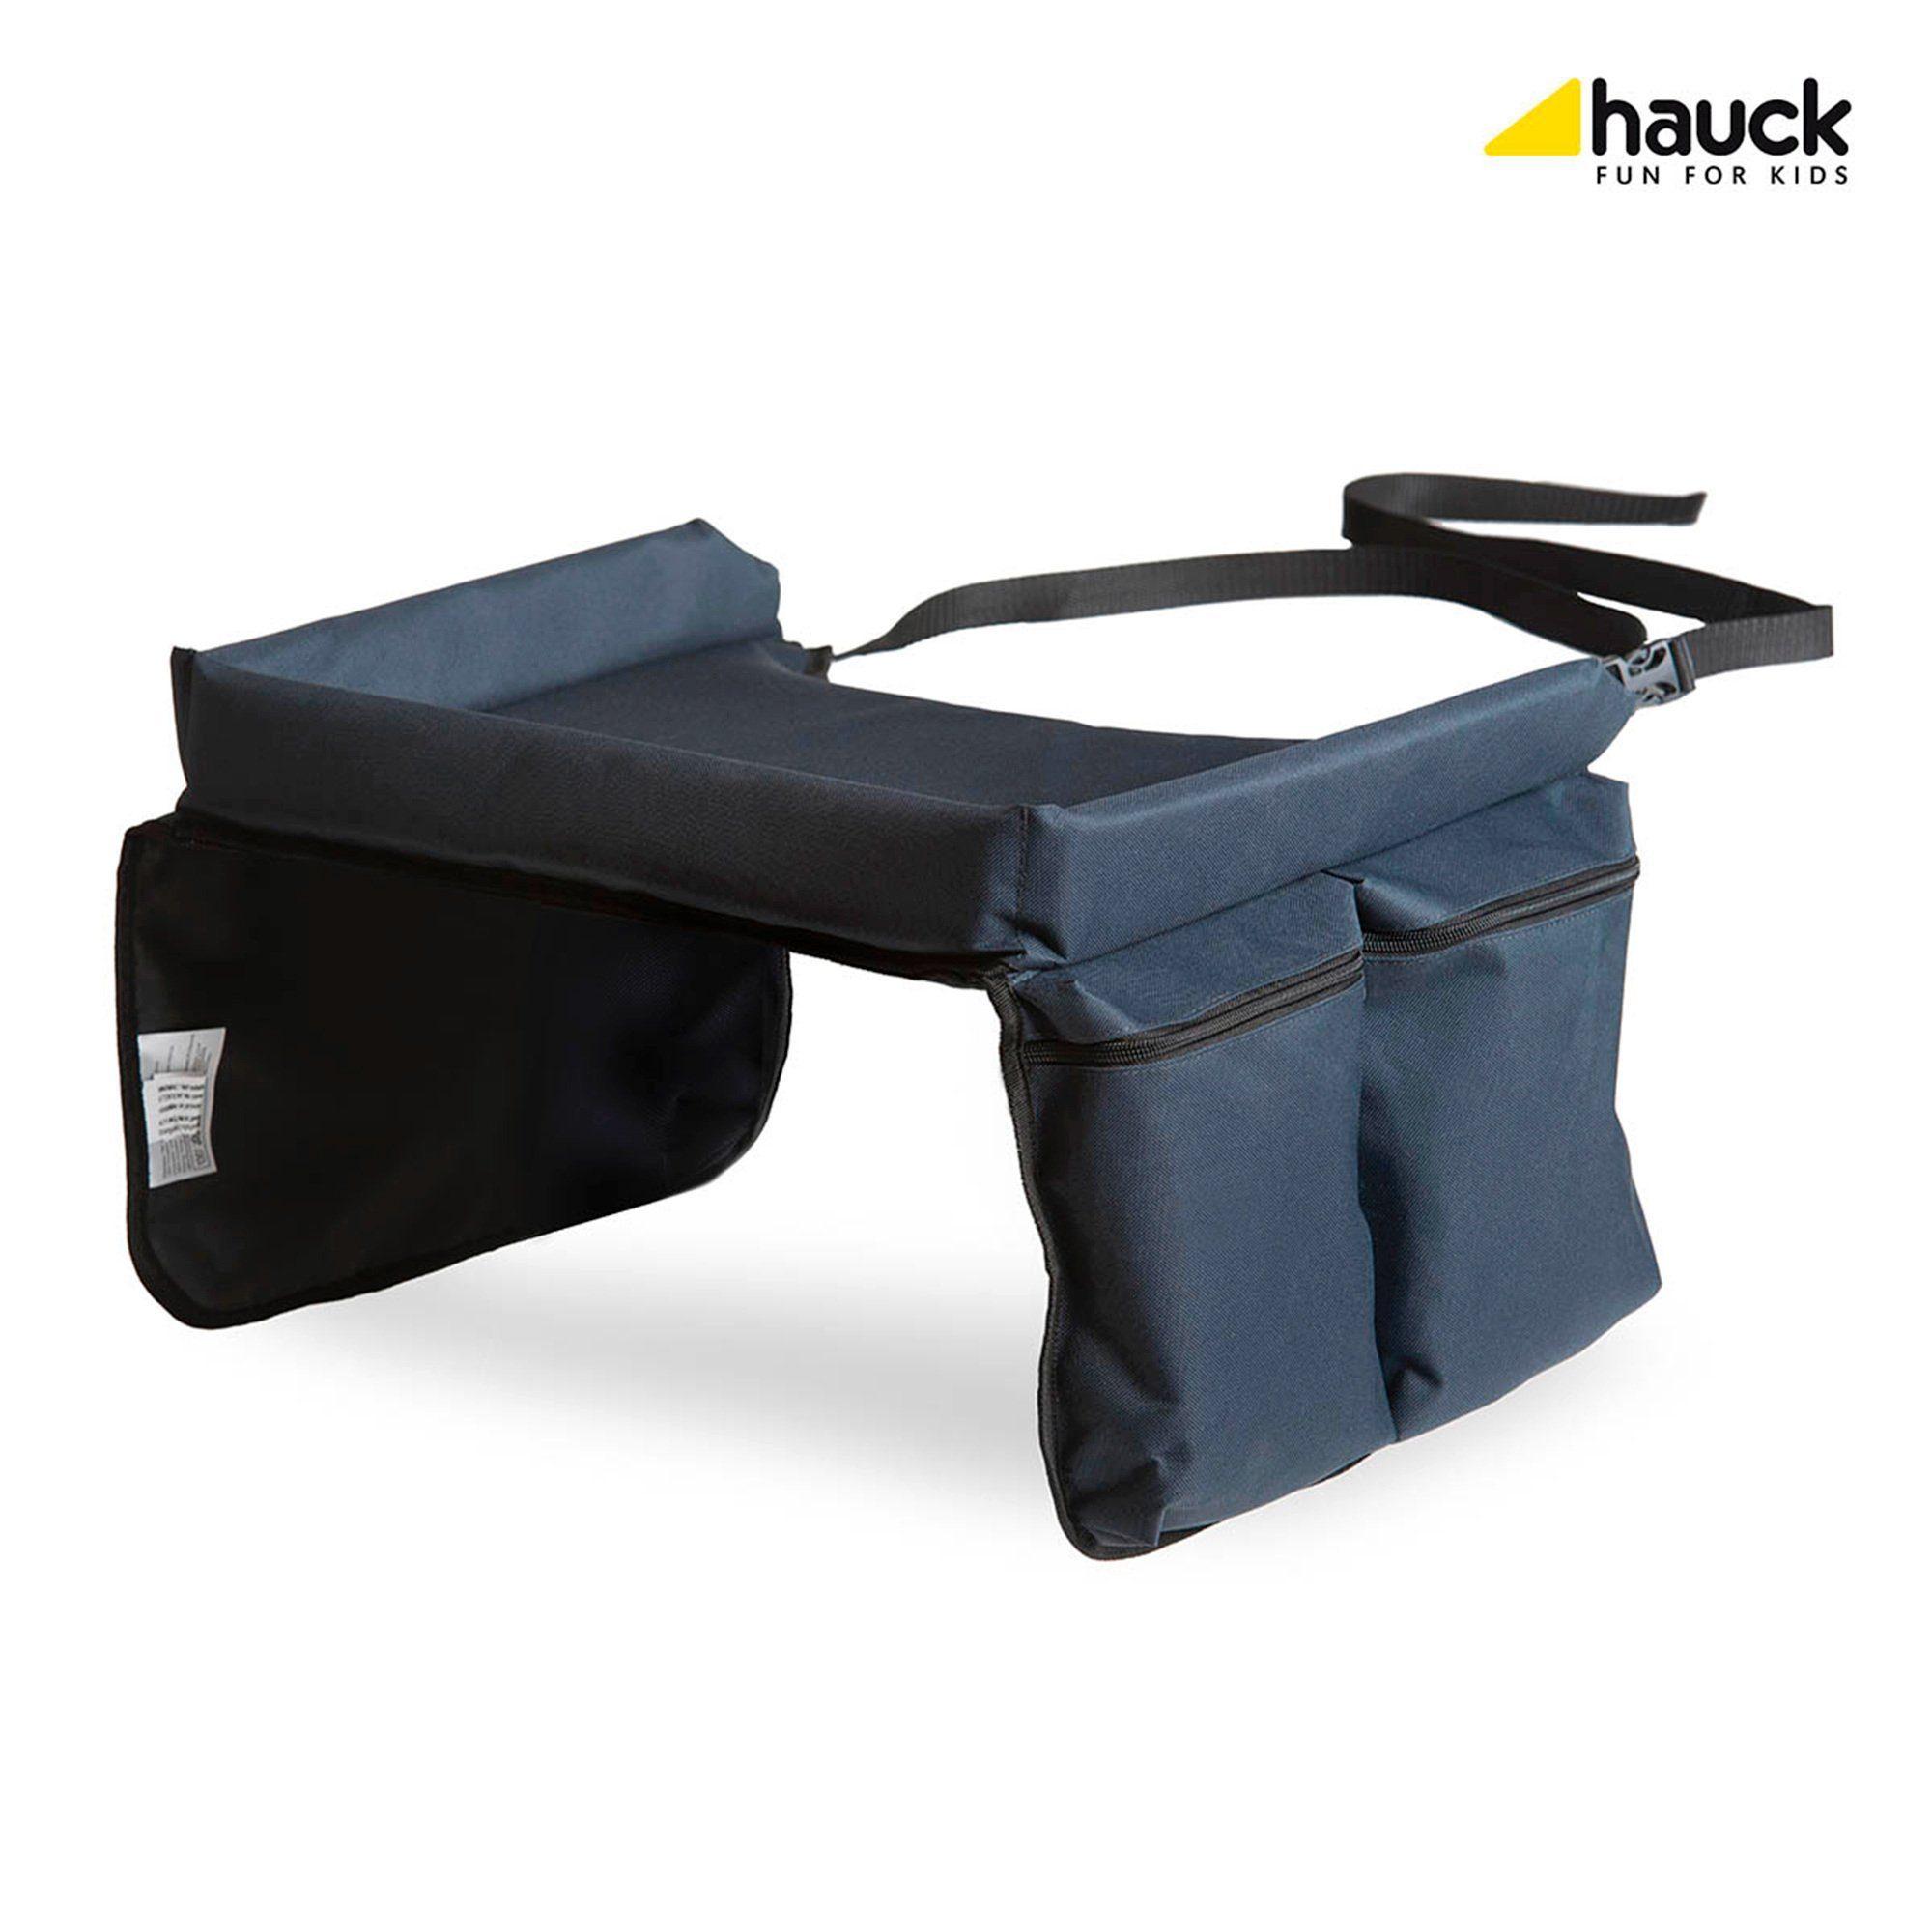 Hauck Spieltisch Play on Me für Kindersitze